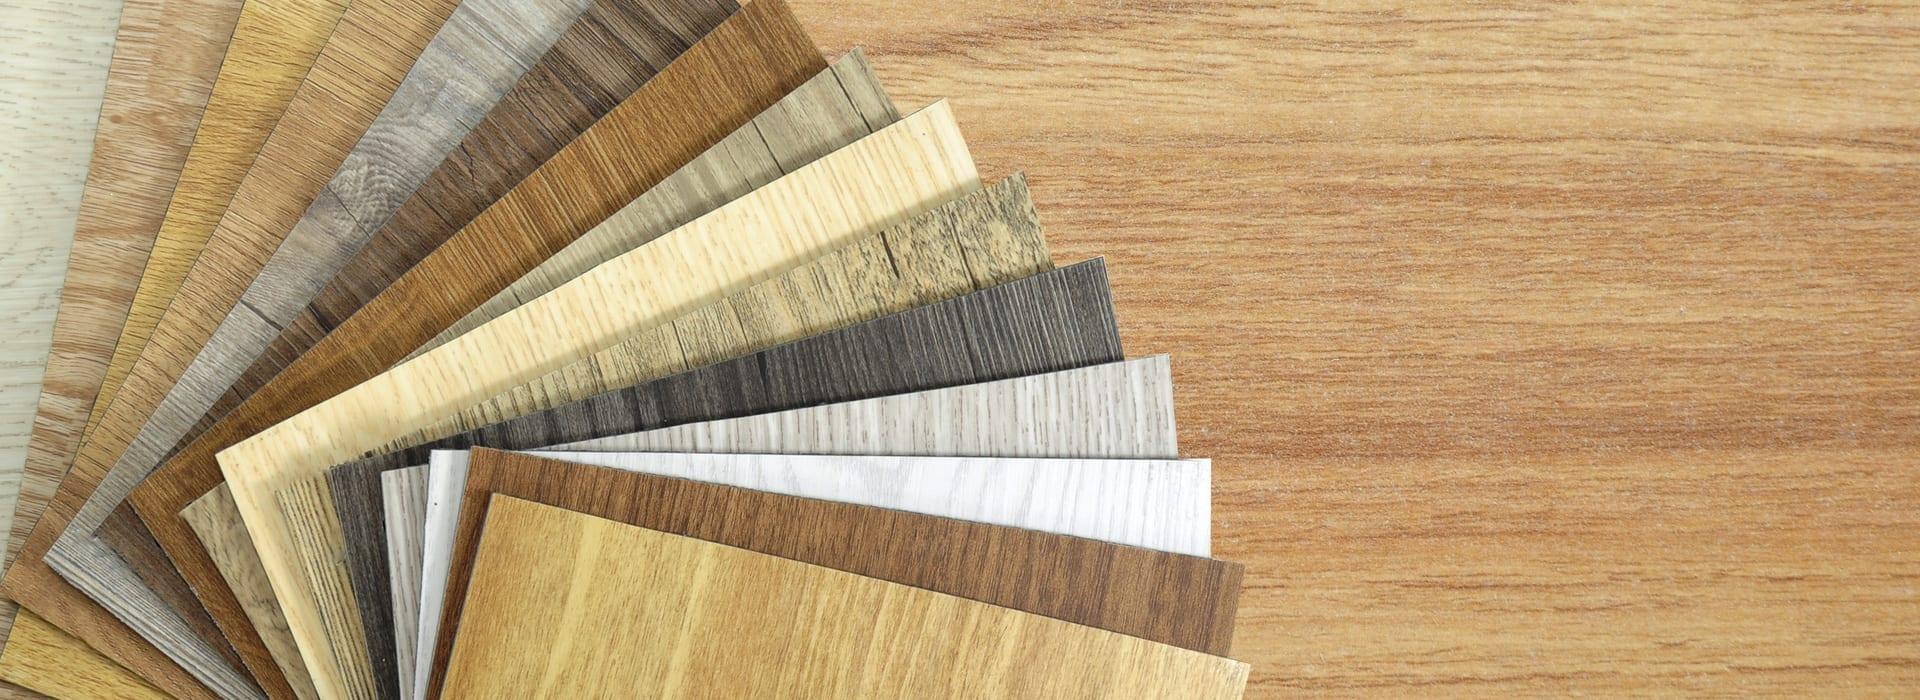 before buying vinyl flooring